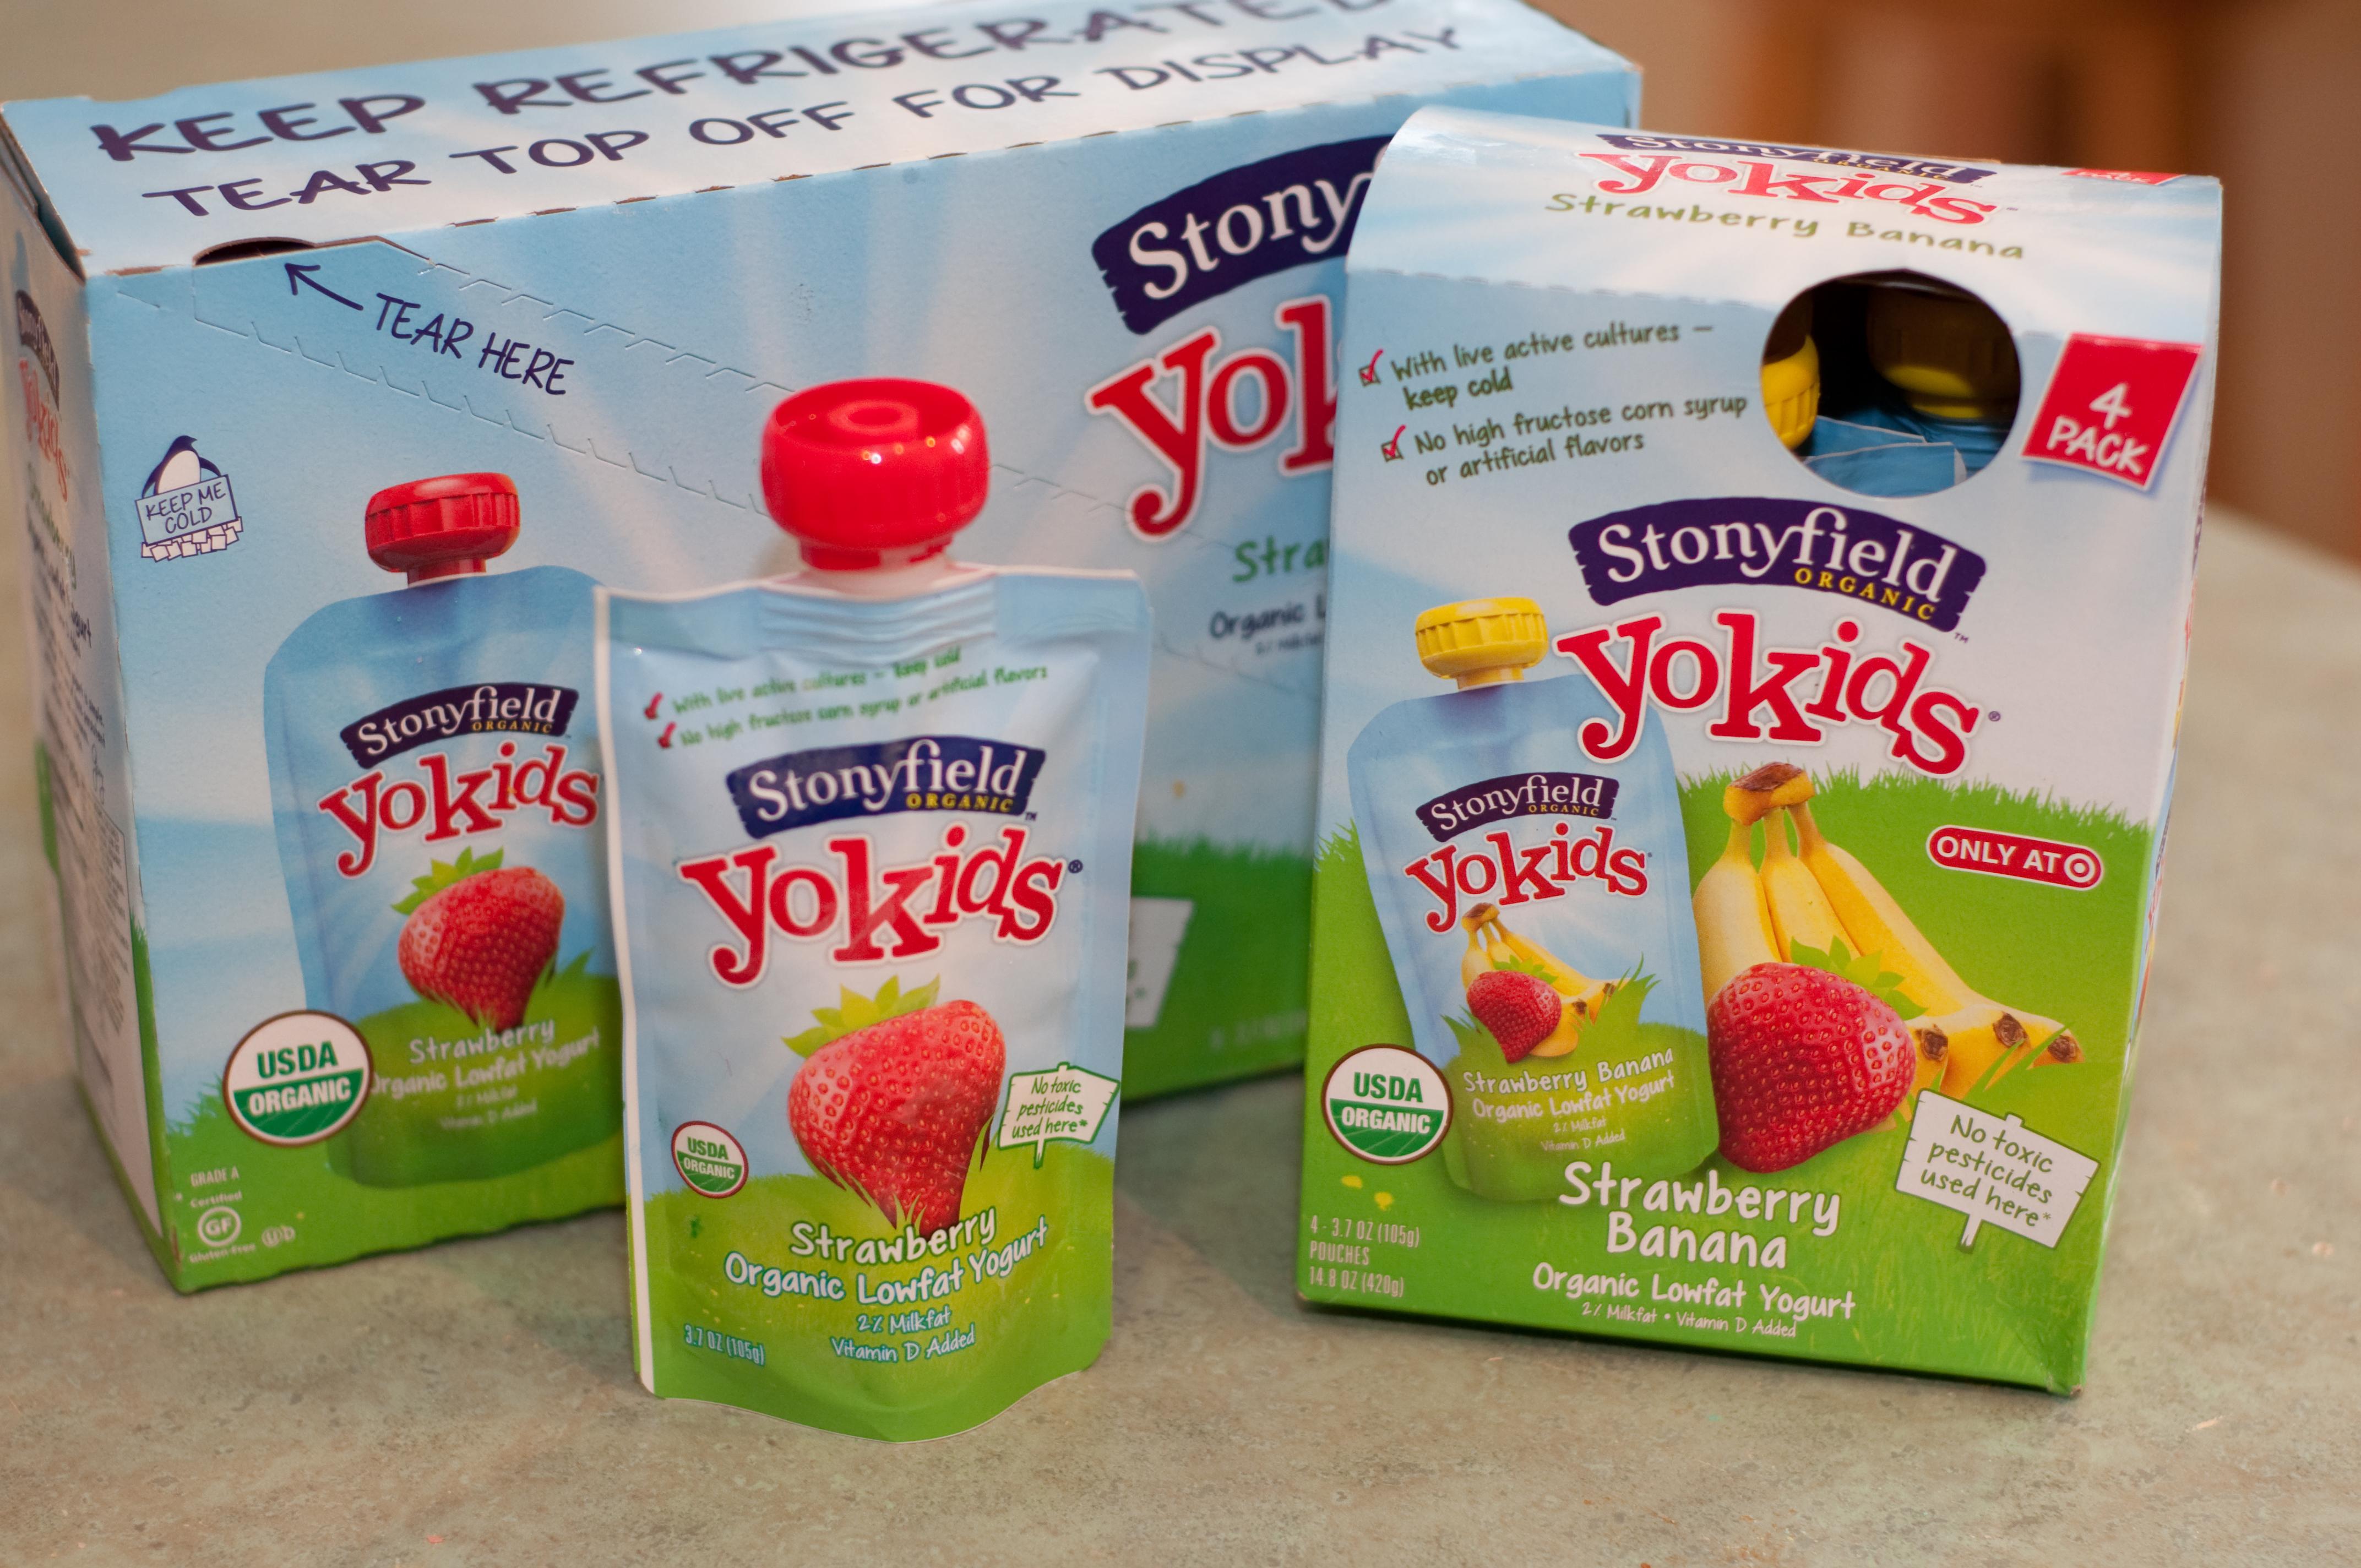 Stonyfield Yogurt – Nutritious & Convenient Snack for Children